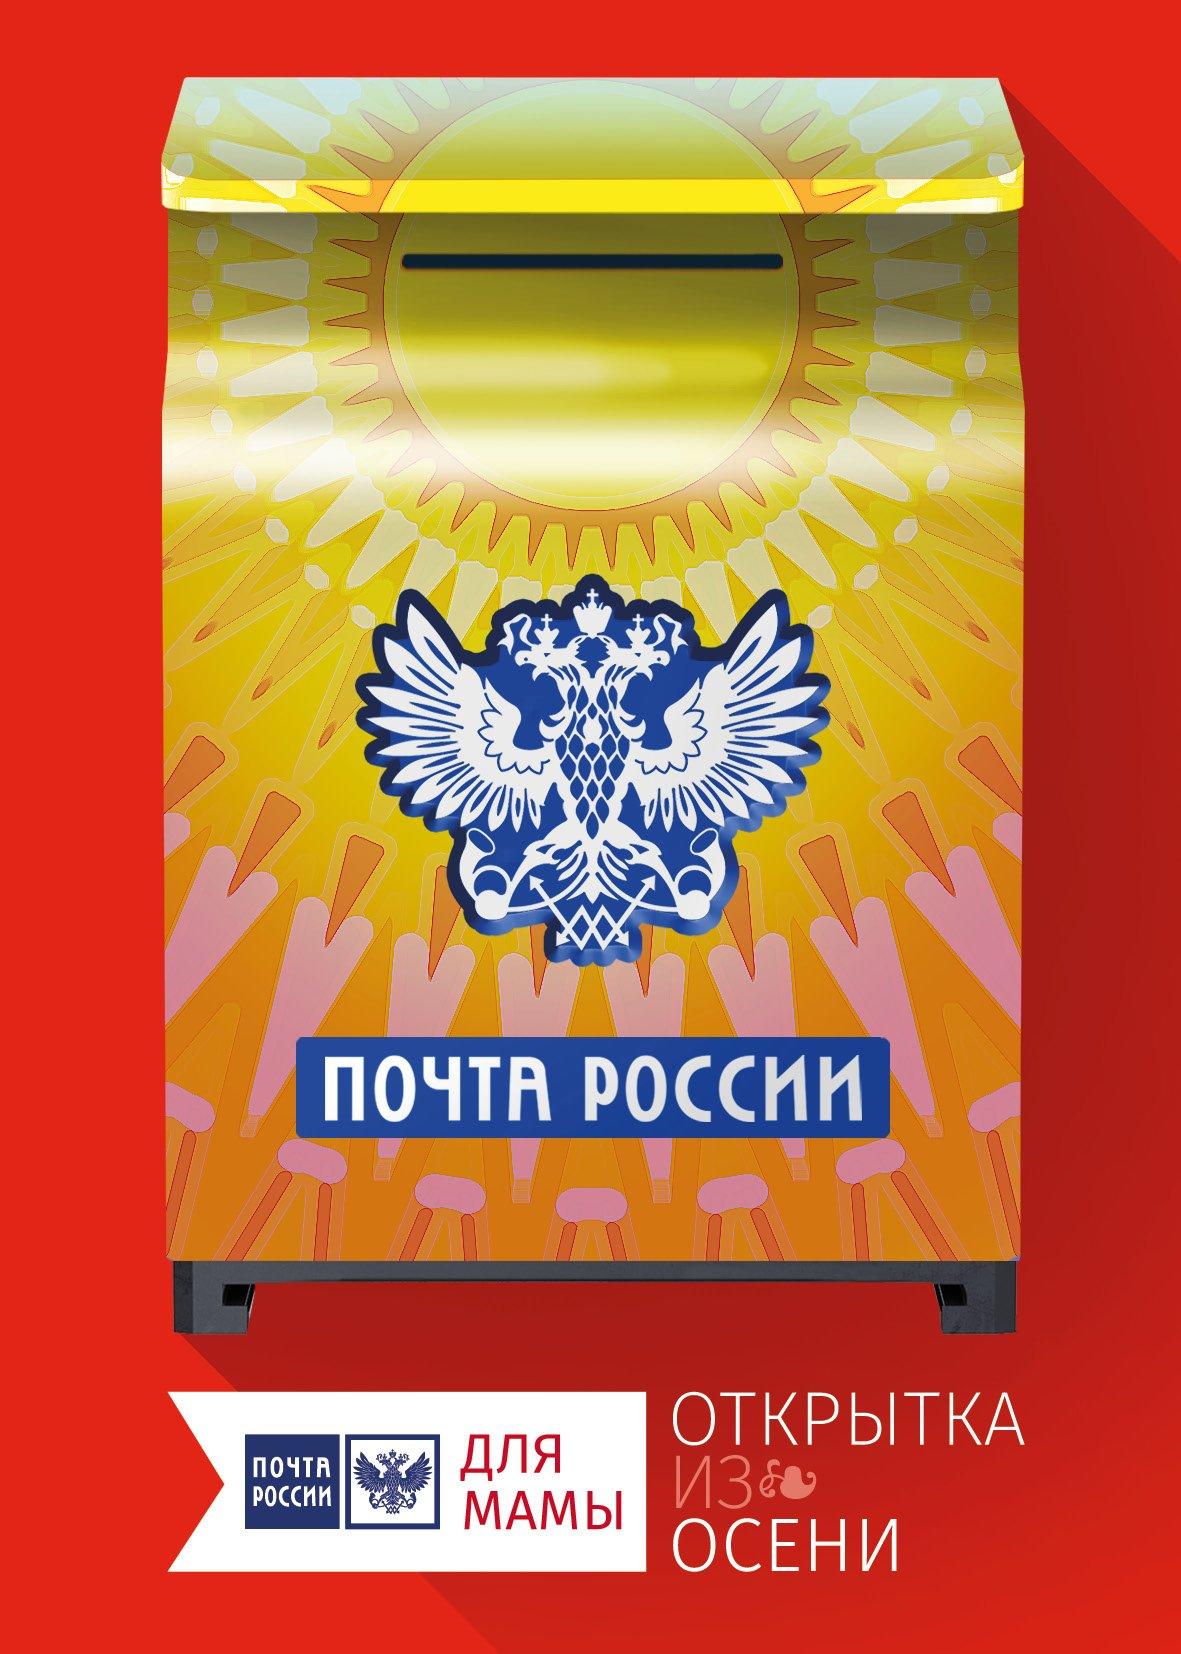 Стоимость открытки на почте россии, первом